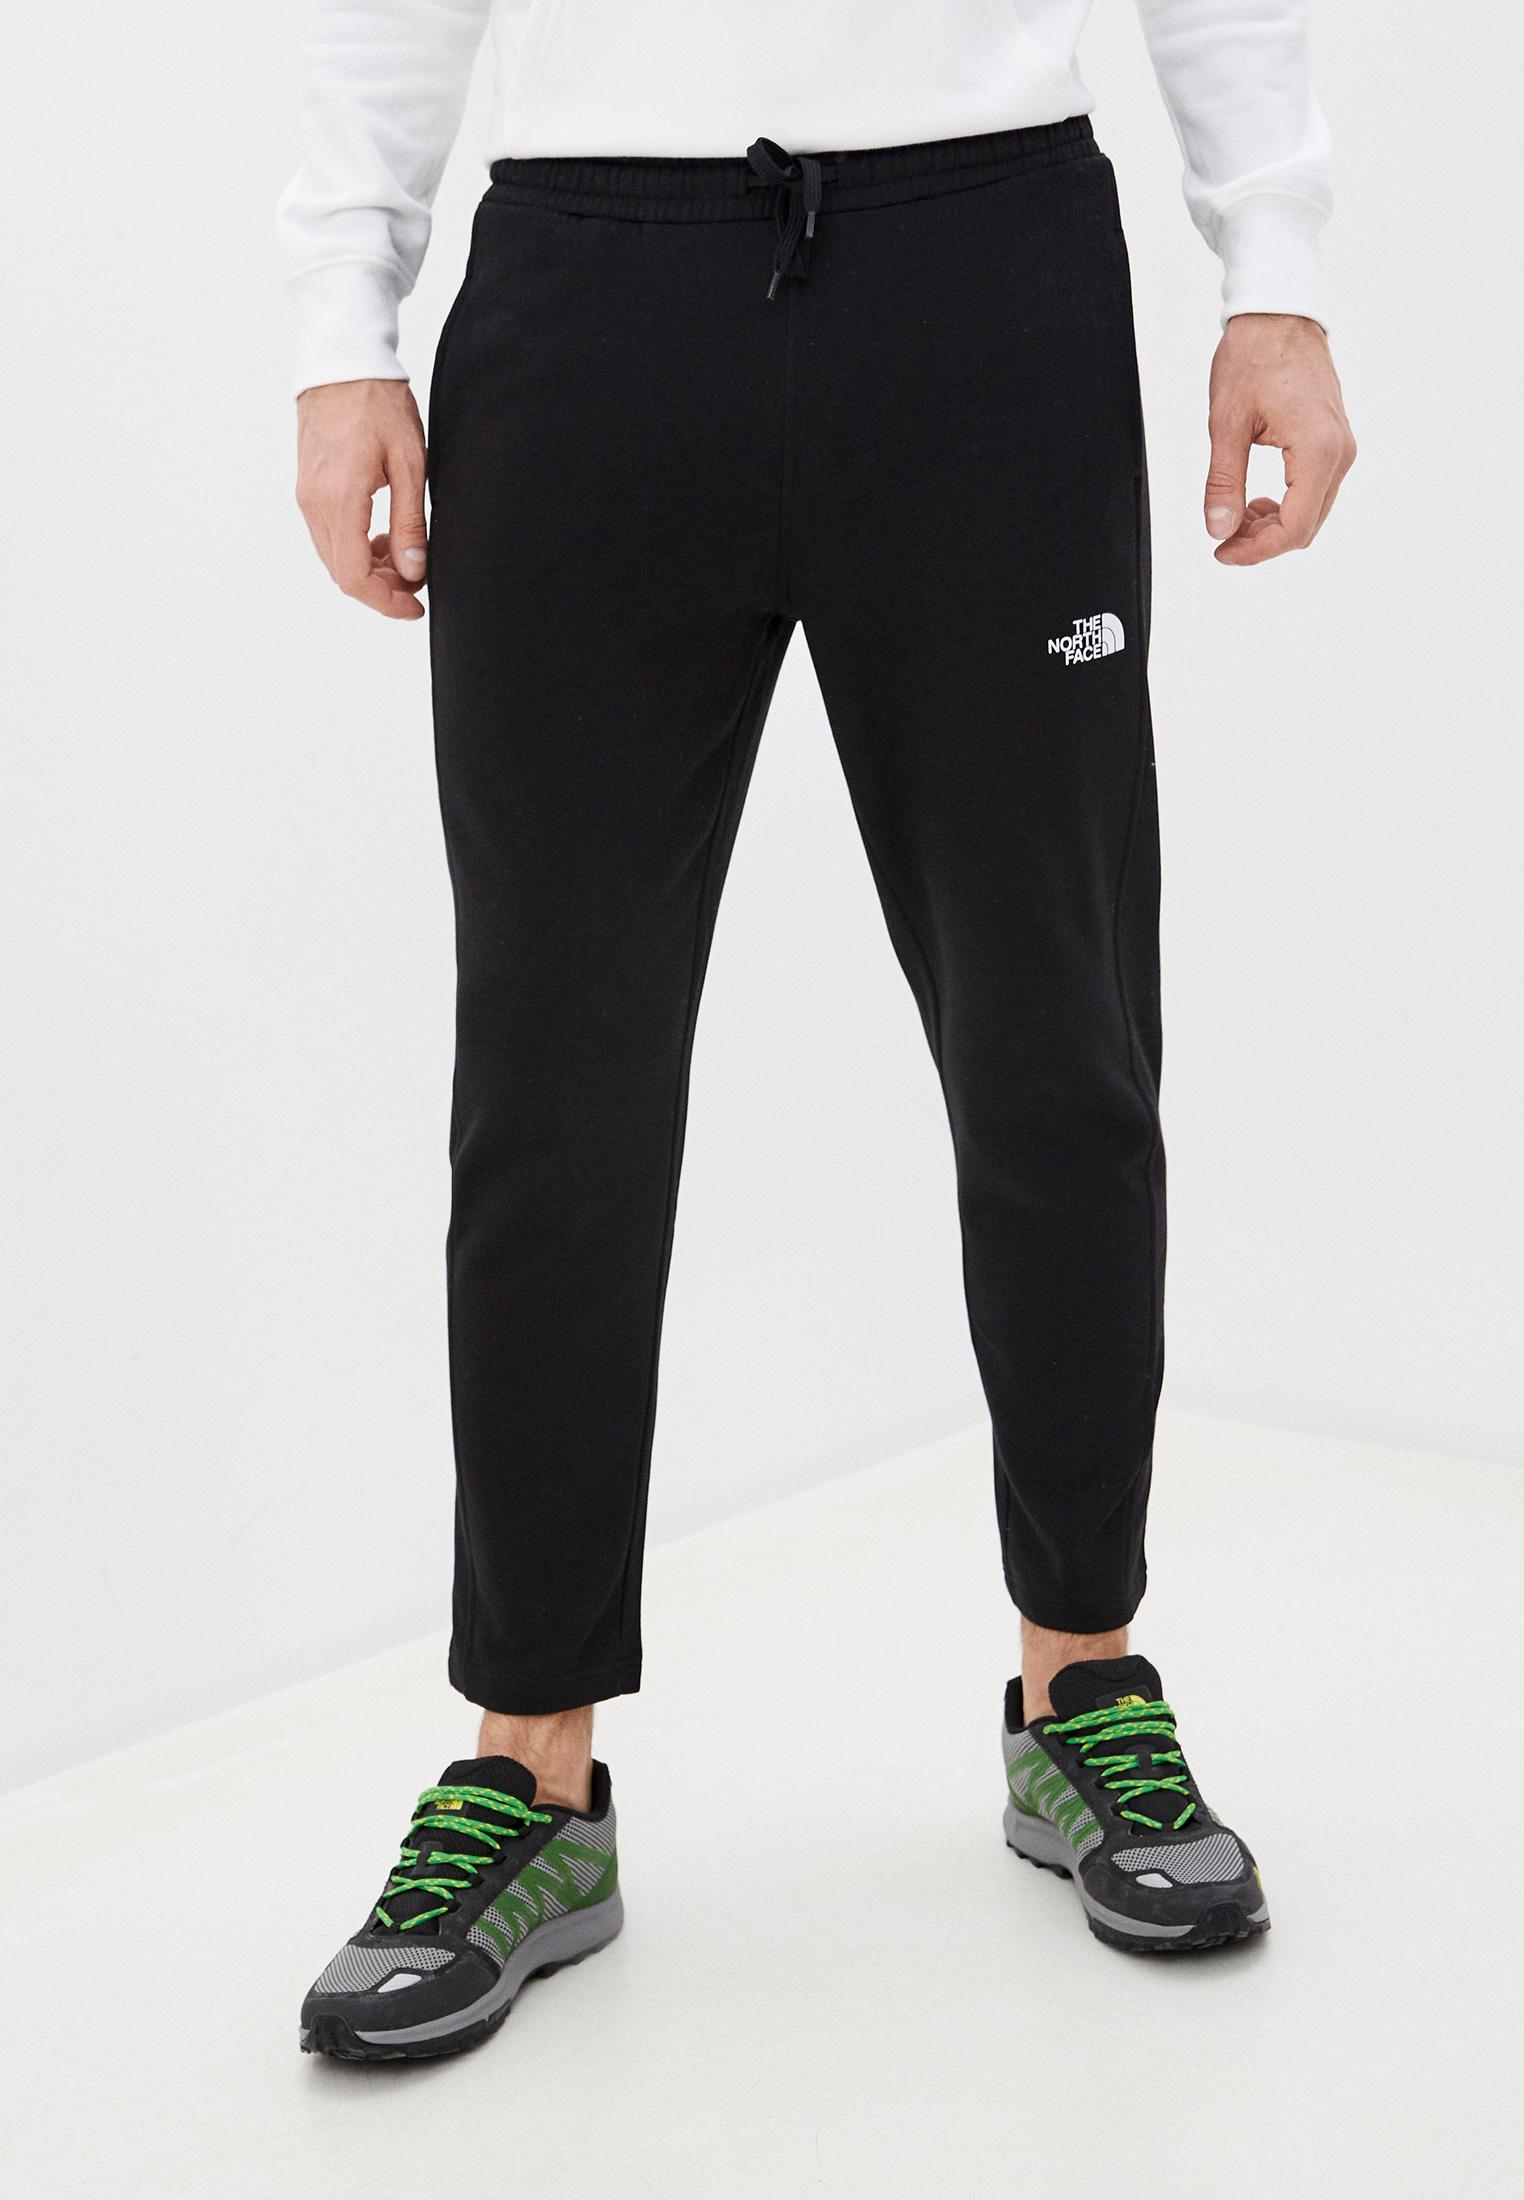 Мужские брюки The North Face (Зе Норт Фейс) TA4M7LJK3